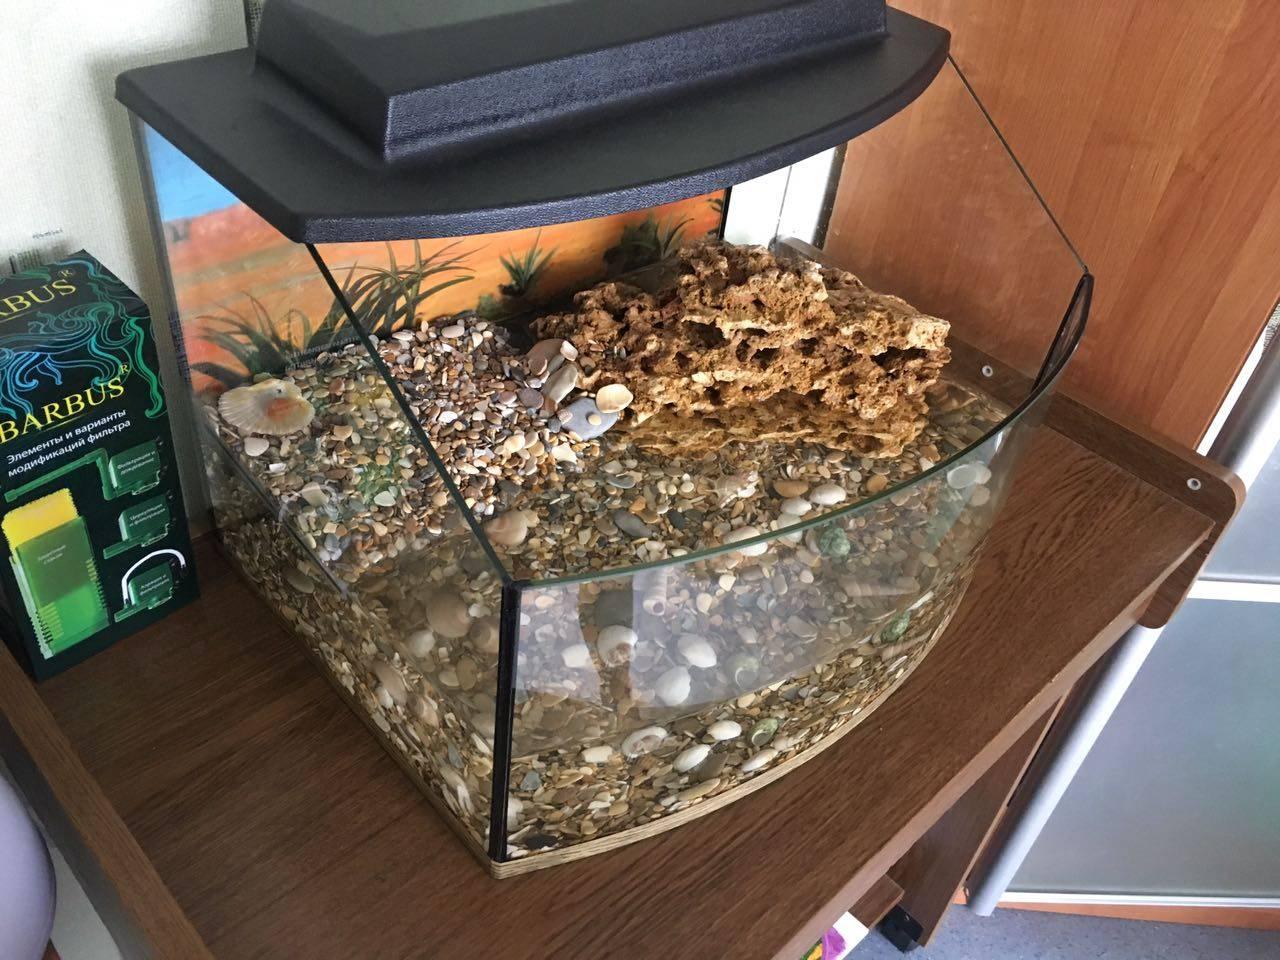 Аквариум для красноухой черепахи: обустройство и оформление акватеррариума, чем украсить резервуар